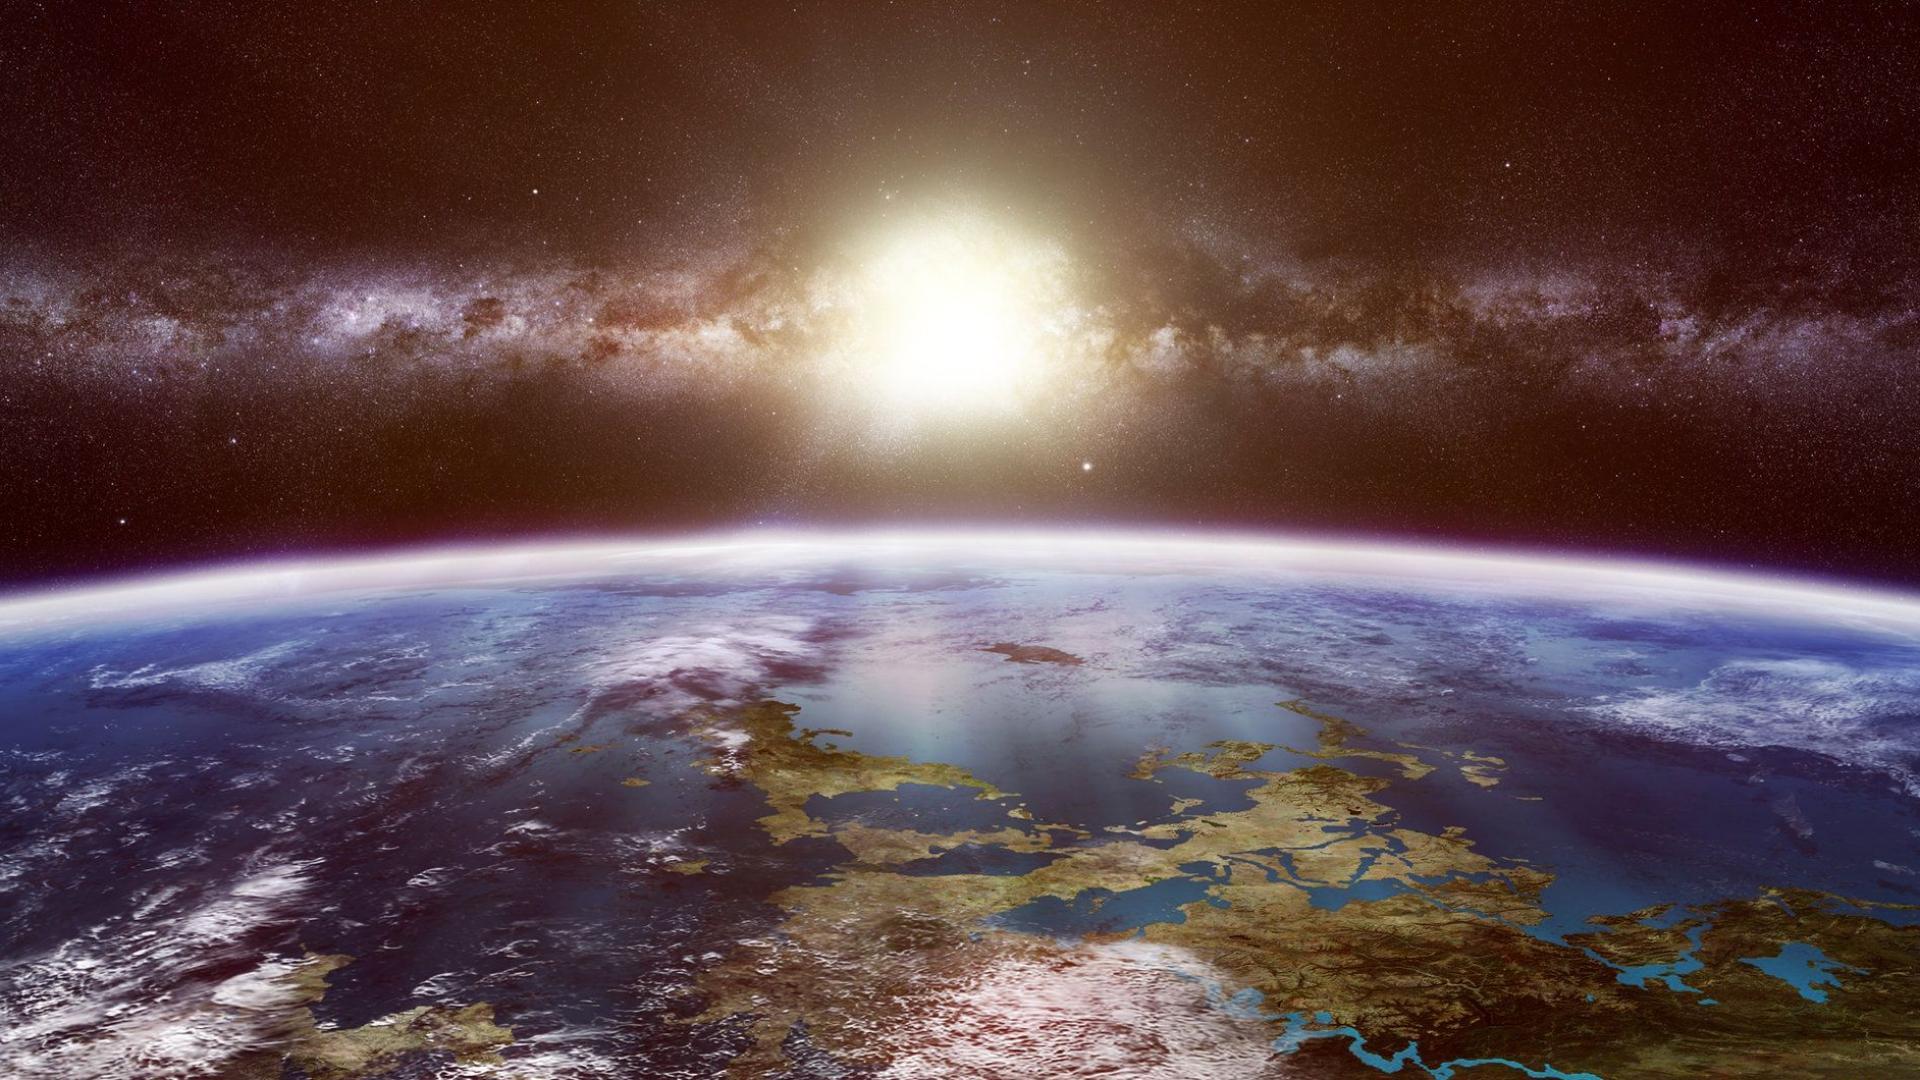 Sfondi e immagini gratis dello spazio e dei pianeti for Immagini wallpaper hd